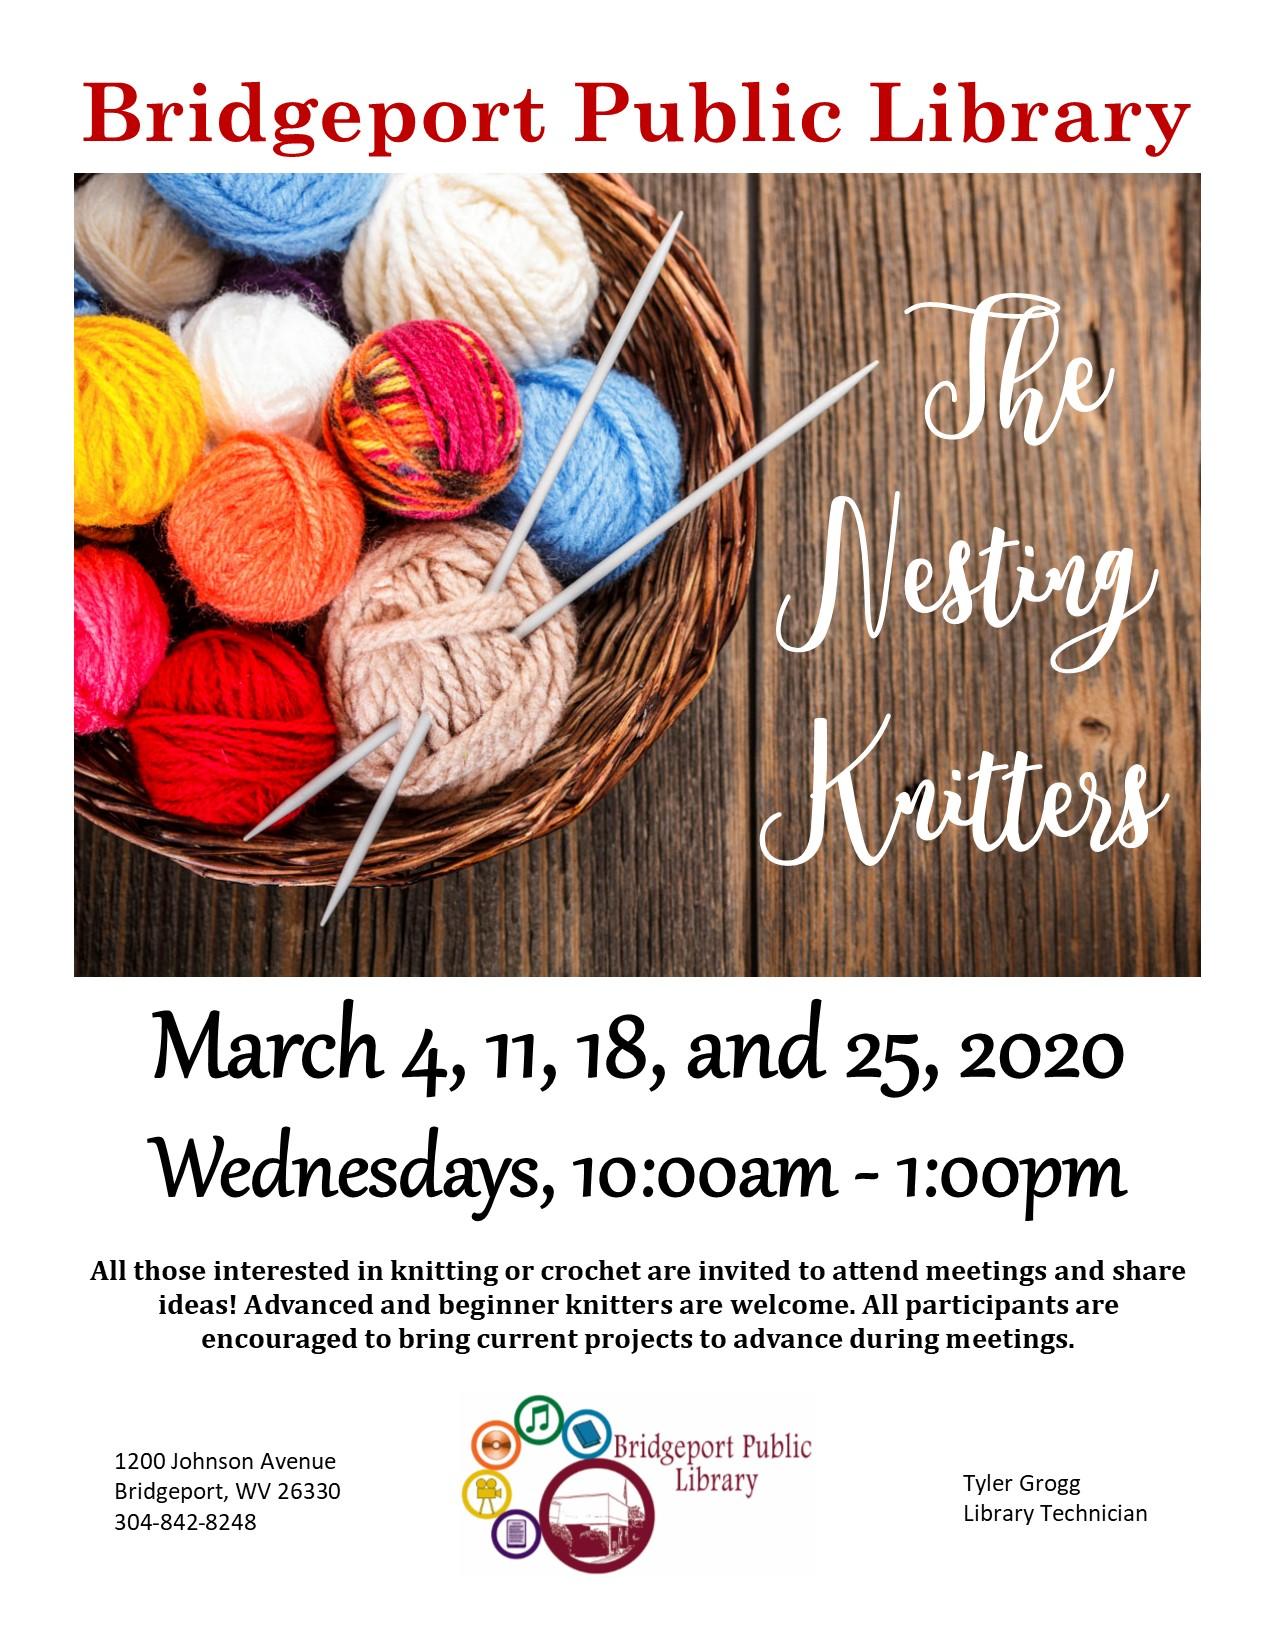 Nesting Knitters